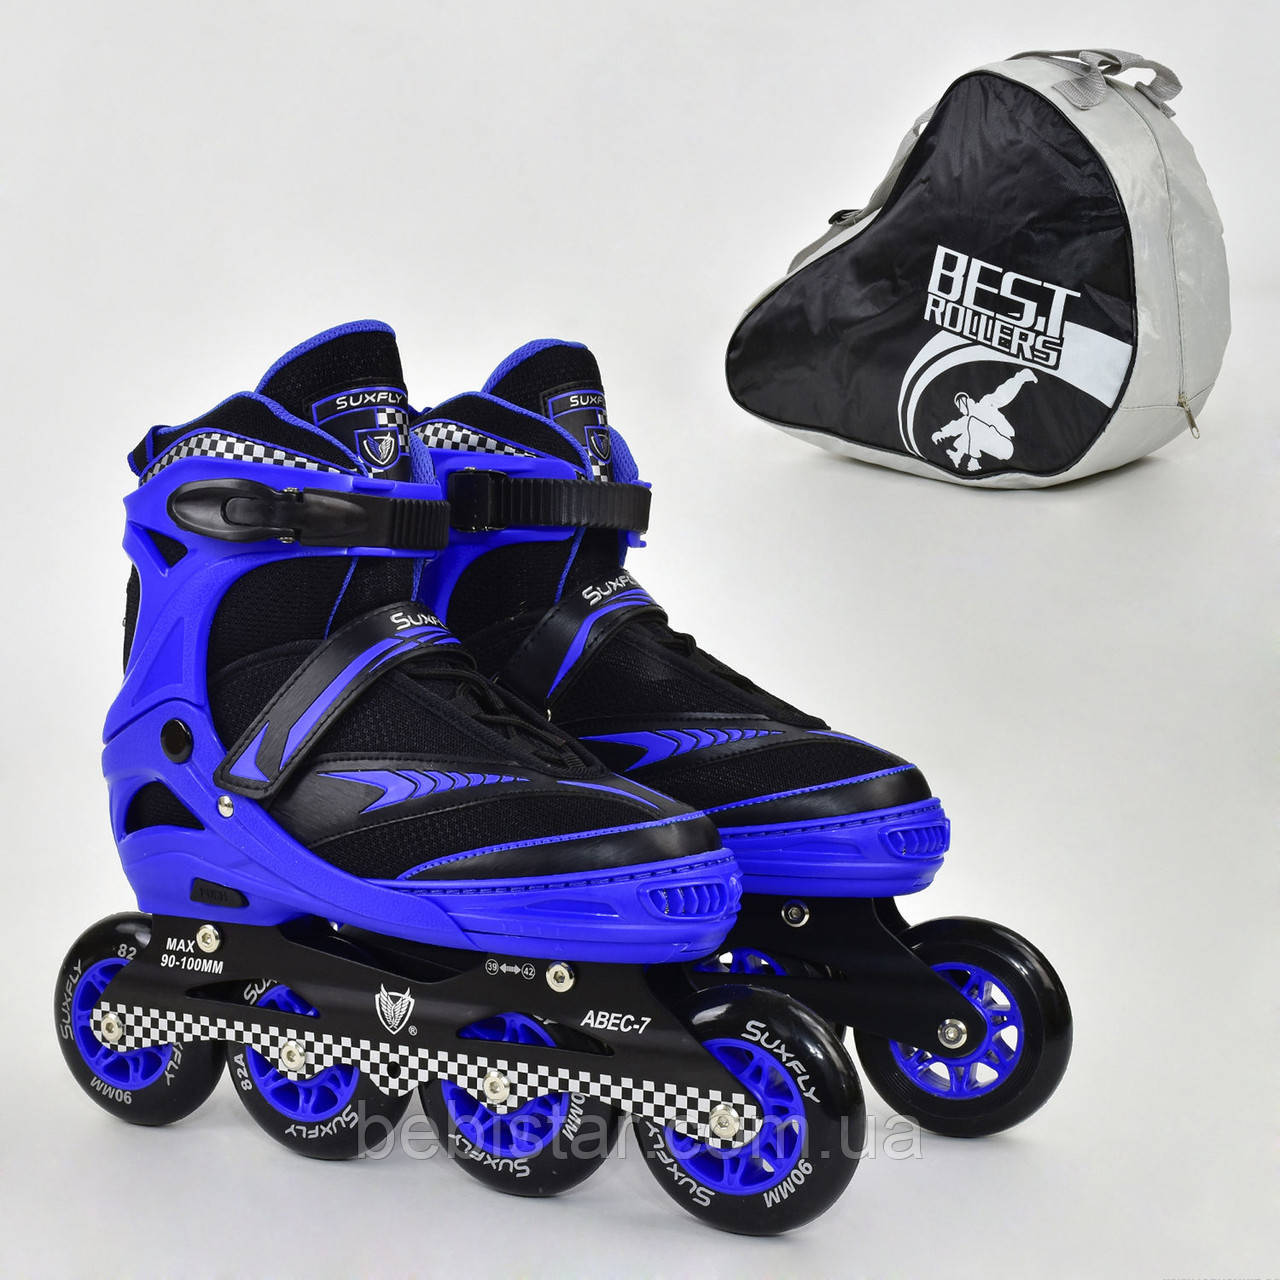 Детские роликовые коньки синие 6014 L Best Roller размер 39-42 полиуретановые колеса